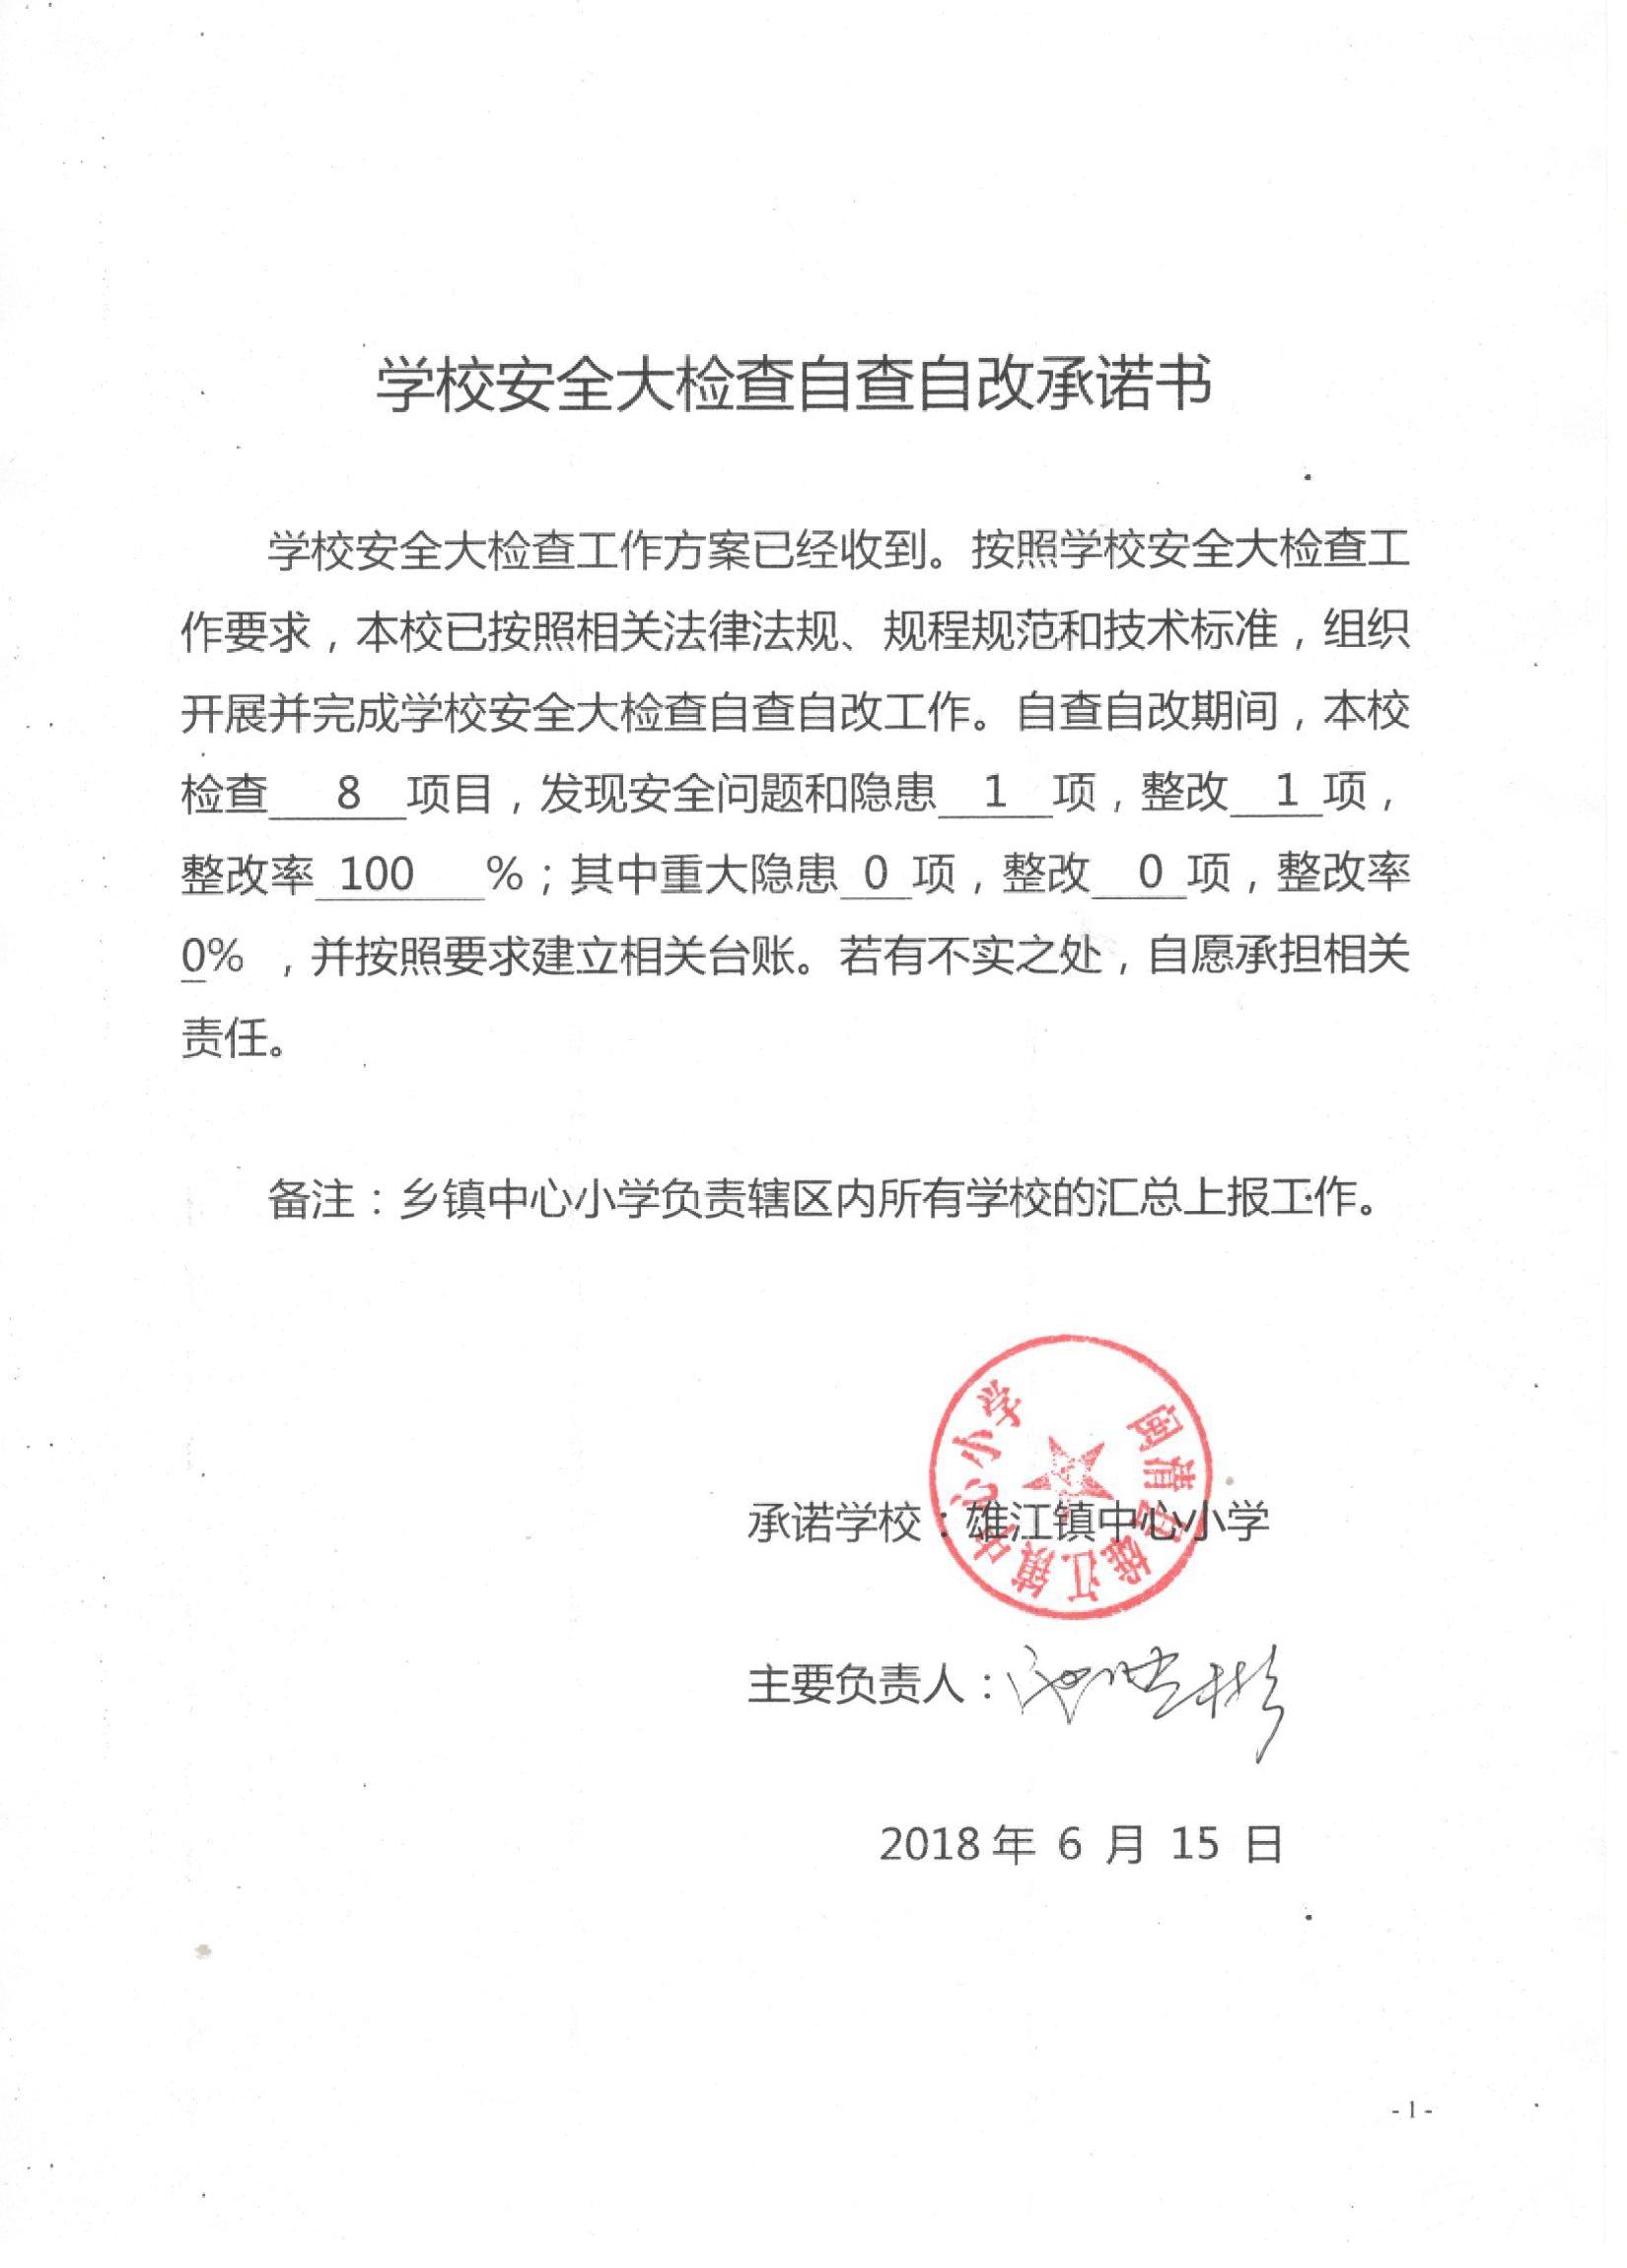 闽清县雄江镇中心小学签署《学校安全大检查自查自改承诺书》